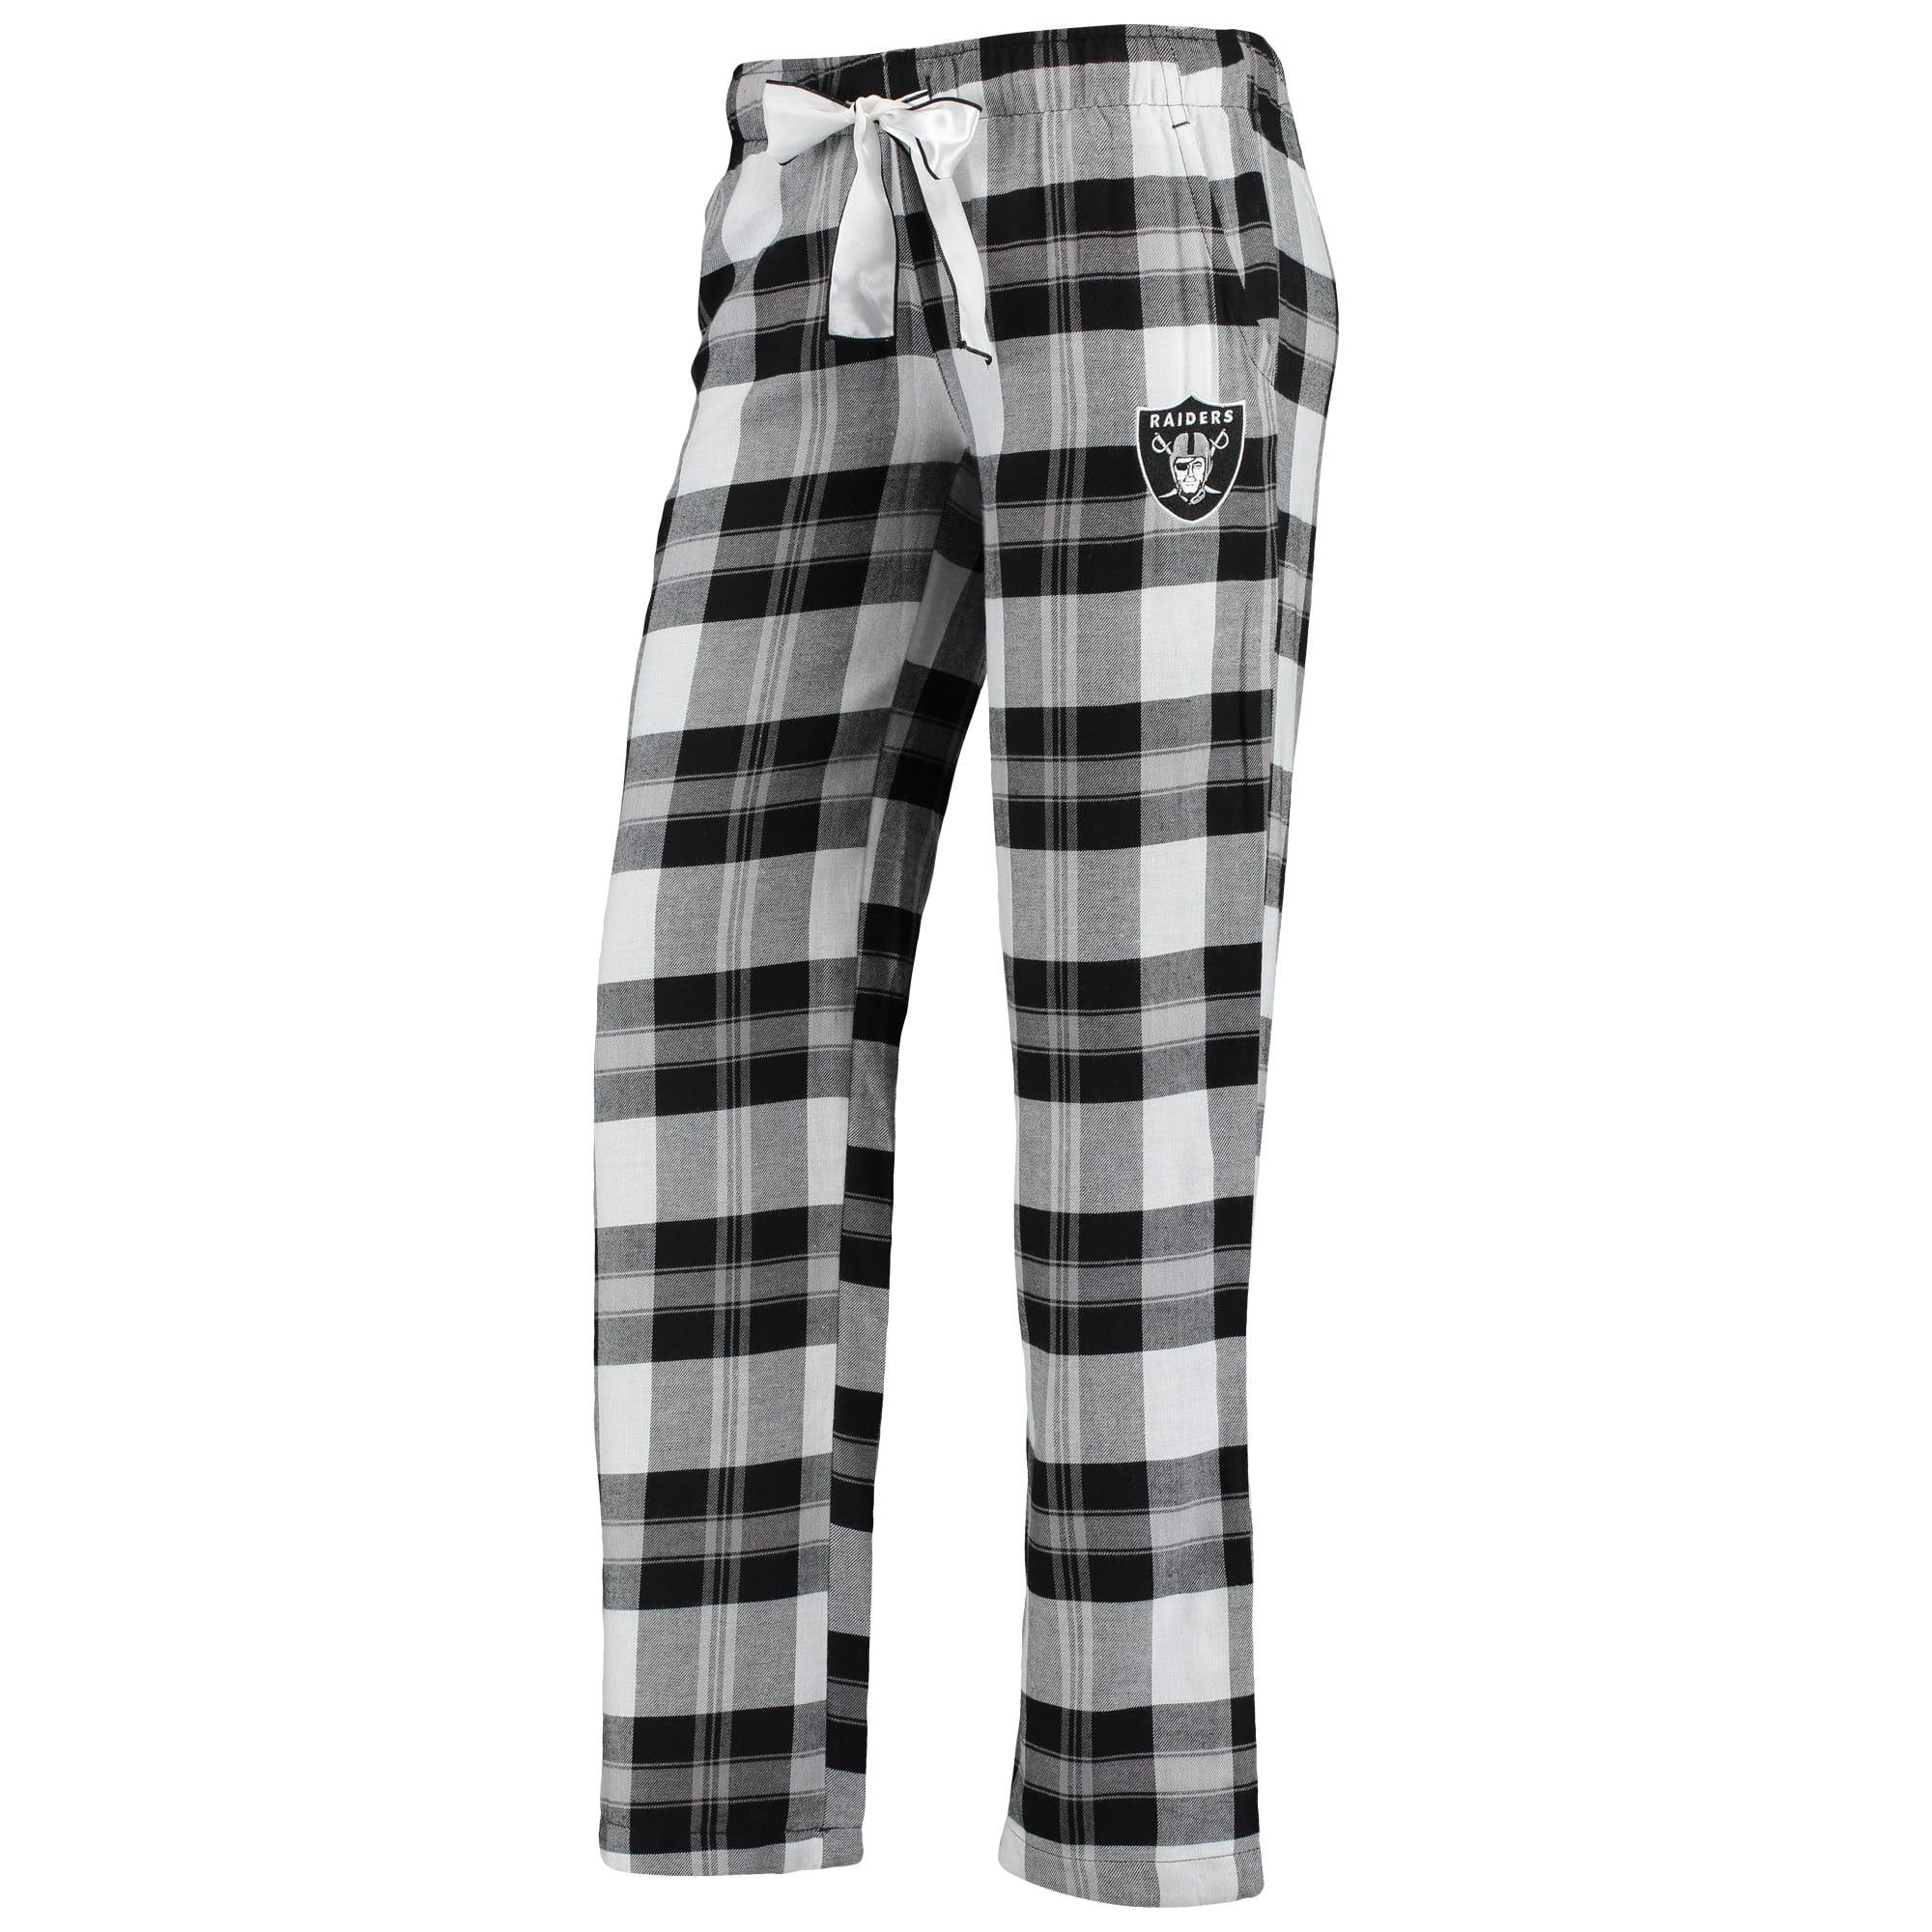 Oakland Raiders Concepts Sport Women's Plus Size Headway Plaid Pants - Black